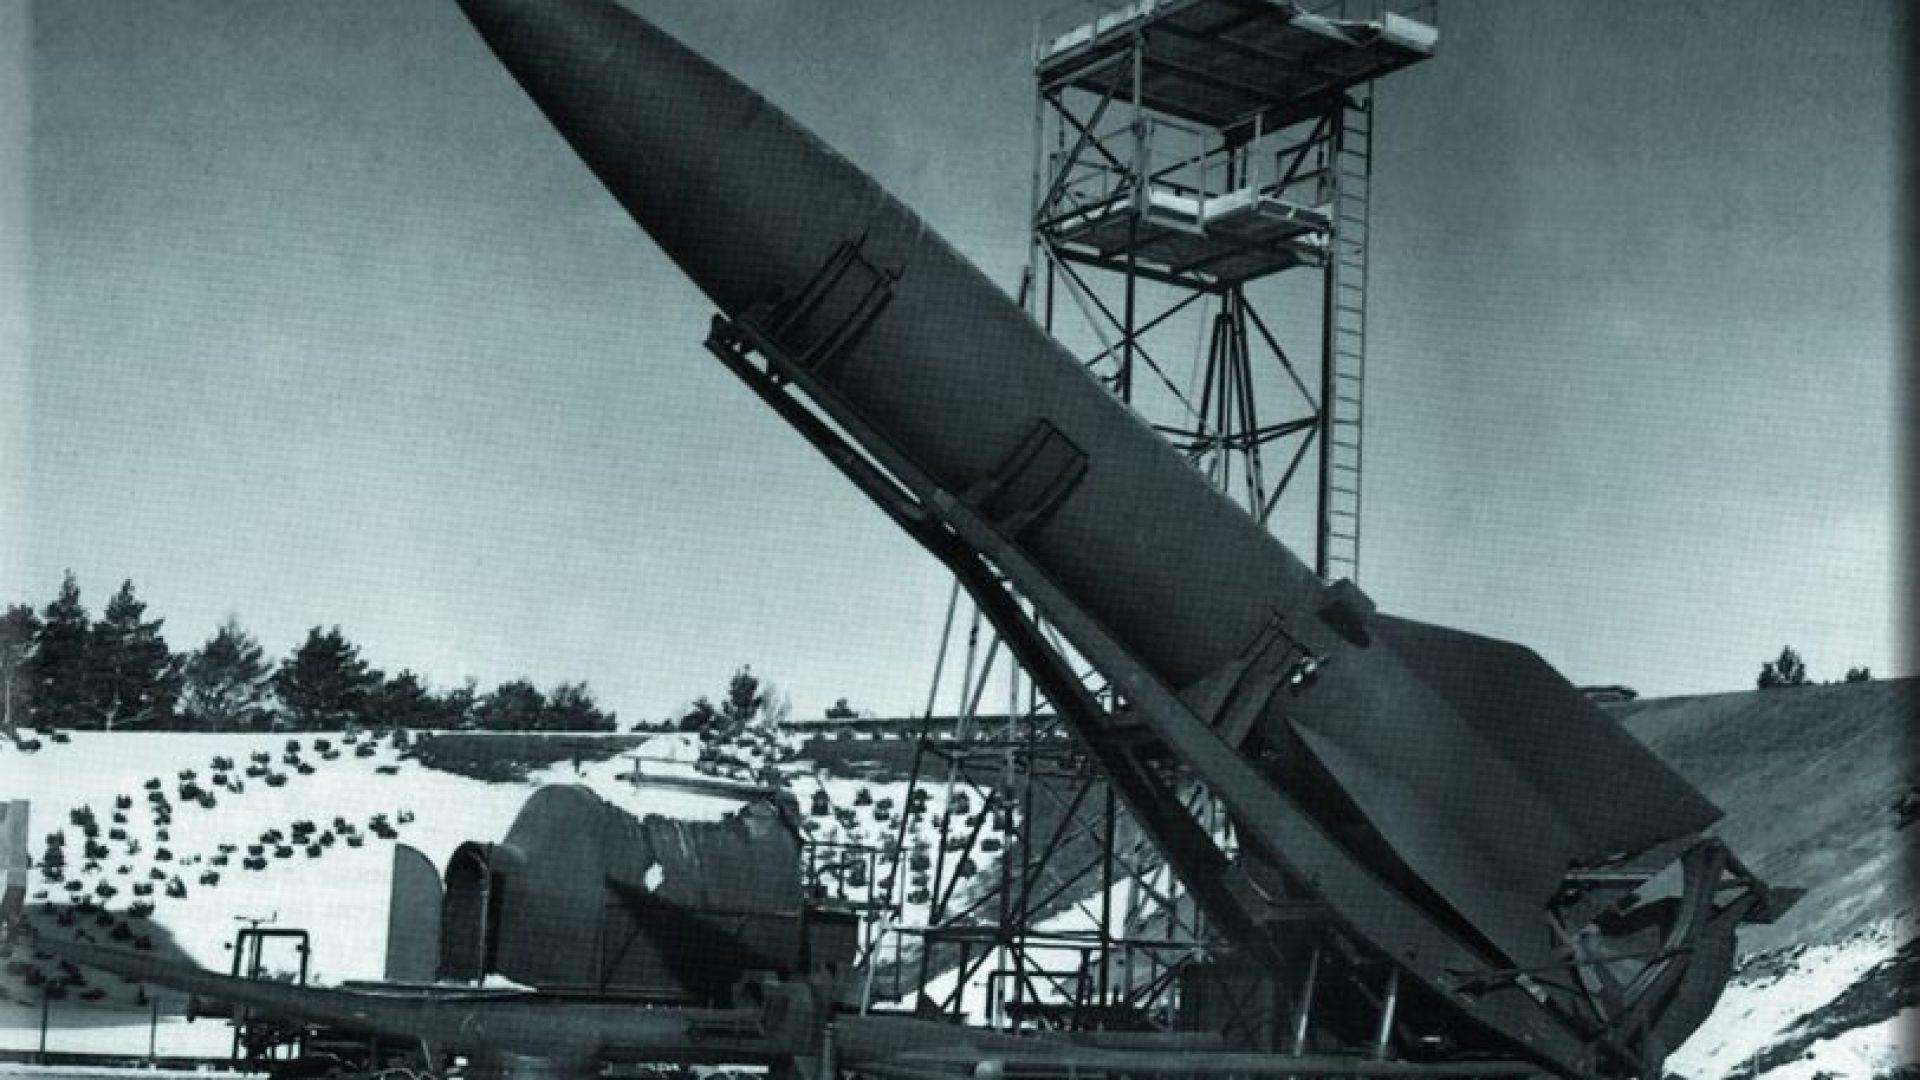 Р-1 е копие на V-2, но следващите разработки сериозно се различават от немската ракета